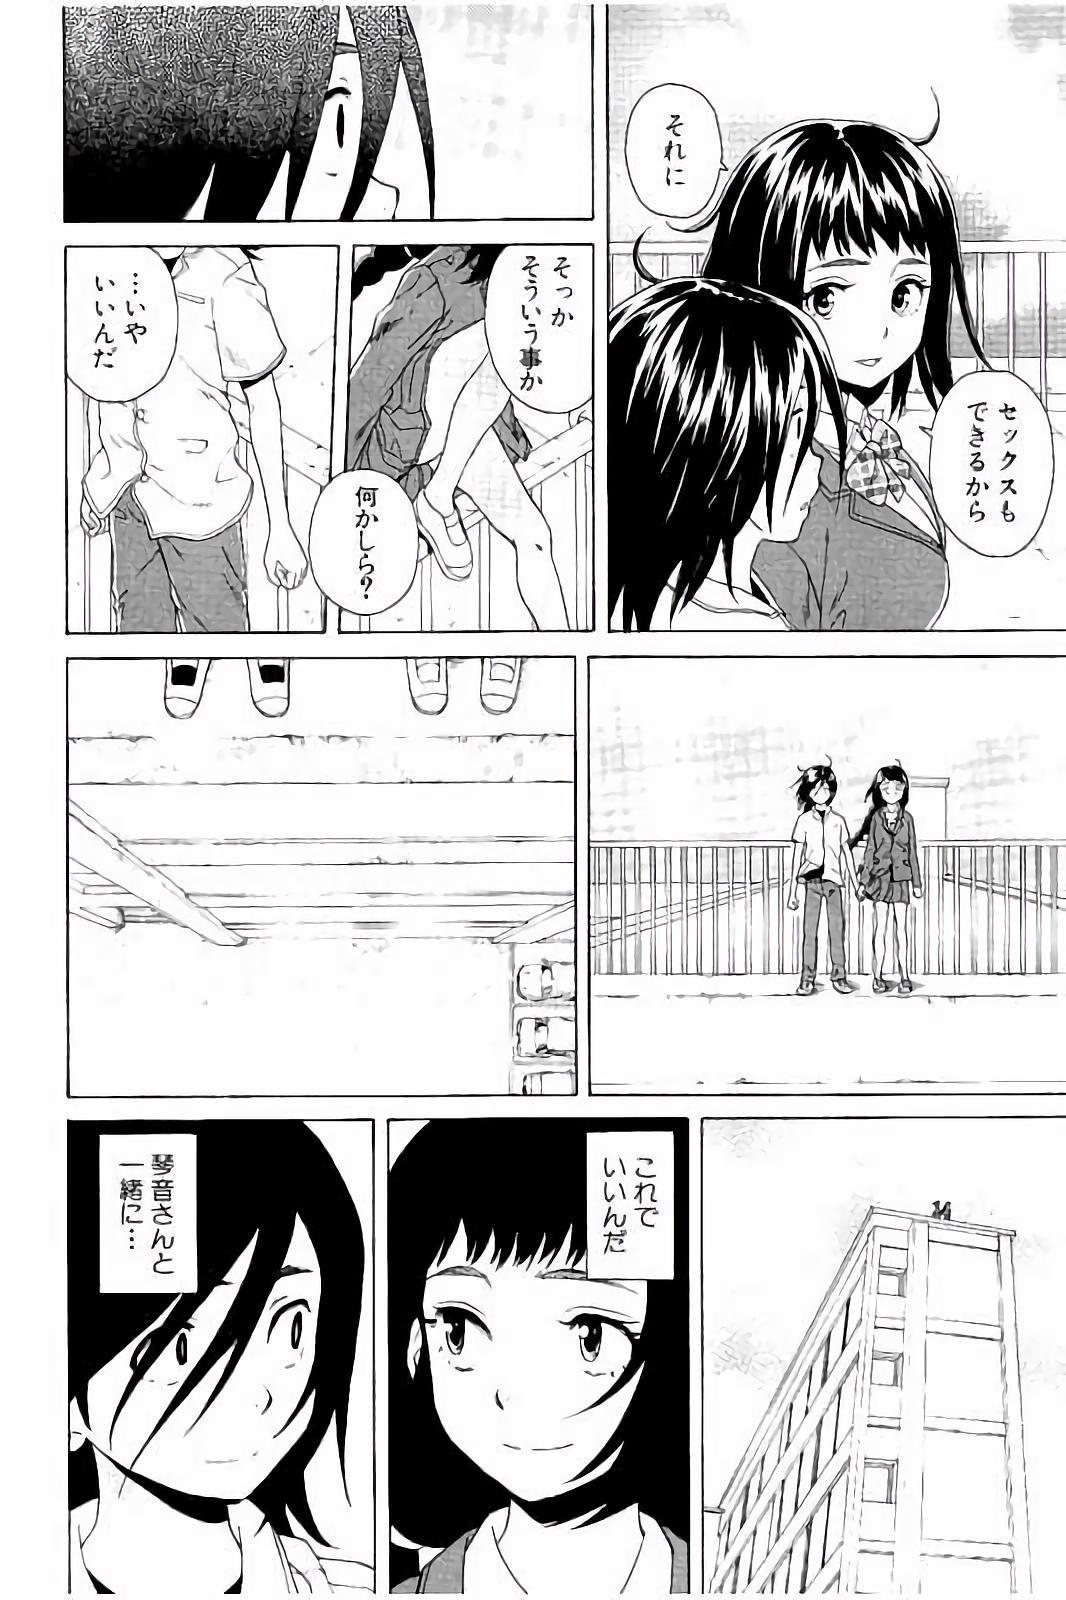 Ane no Himitsu To Boku no Jisatsu 153